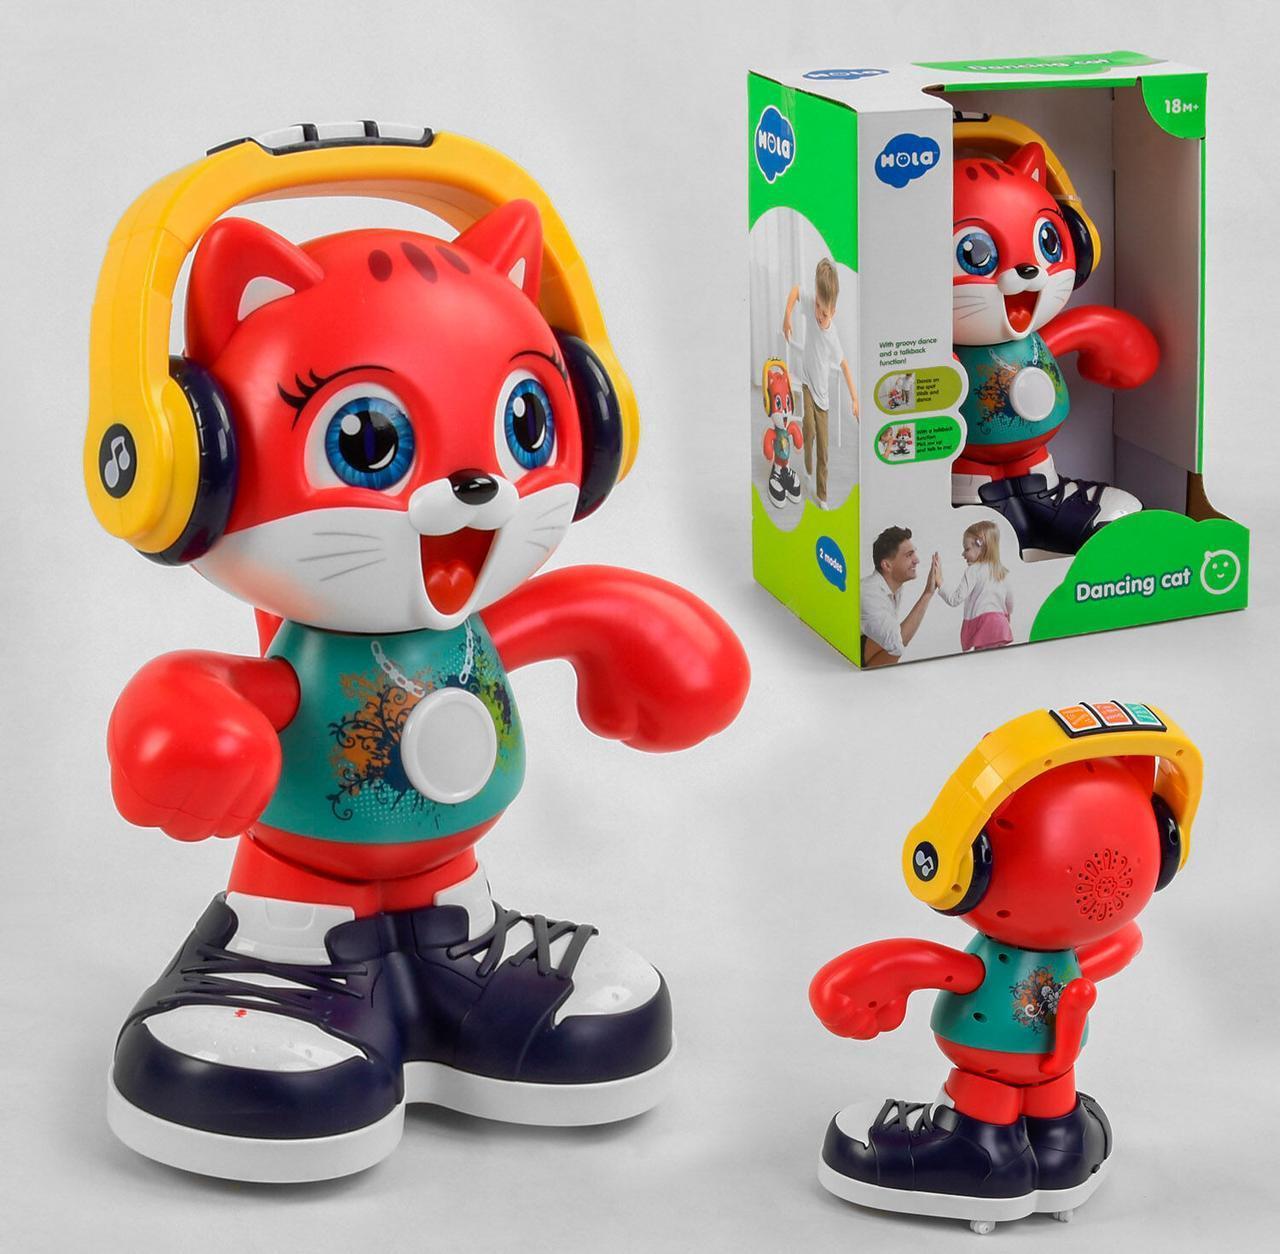 """Розвиваюча іграшка для малят """"Hola"""" E 721, Танцюючий котик, співає пісні, розмовляє англійською мовою"""